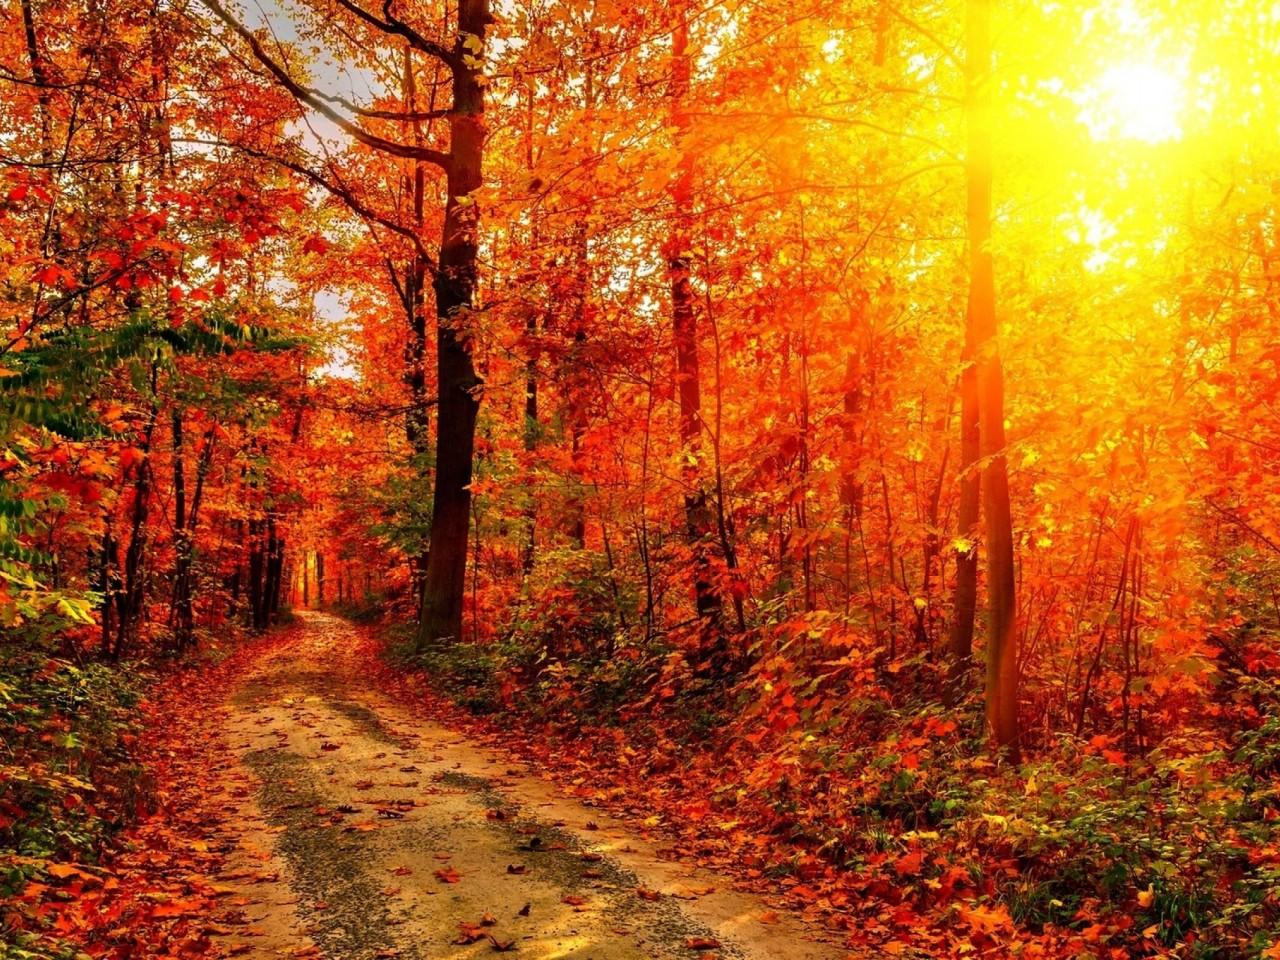 Autumn-Sun-2560x1600-1280x960.jpg